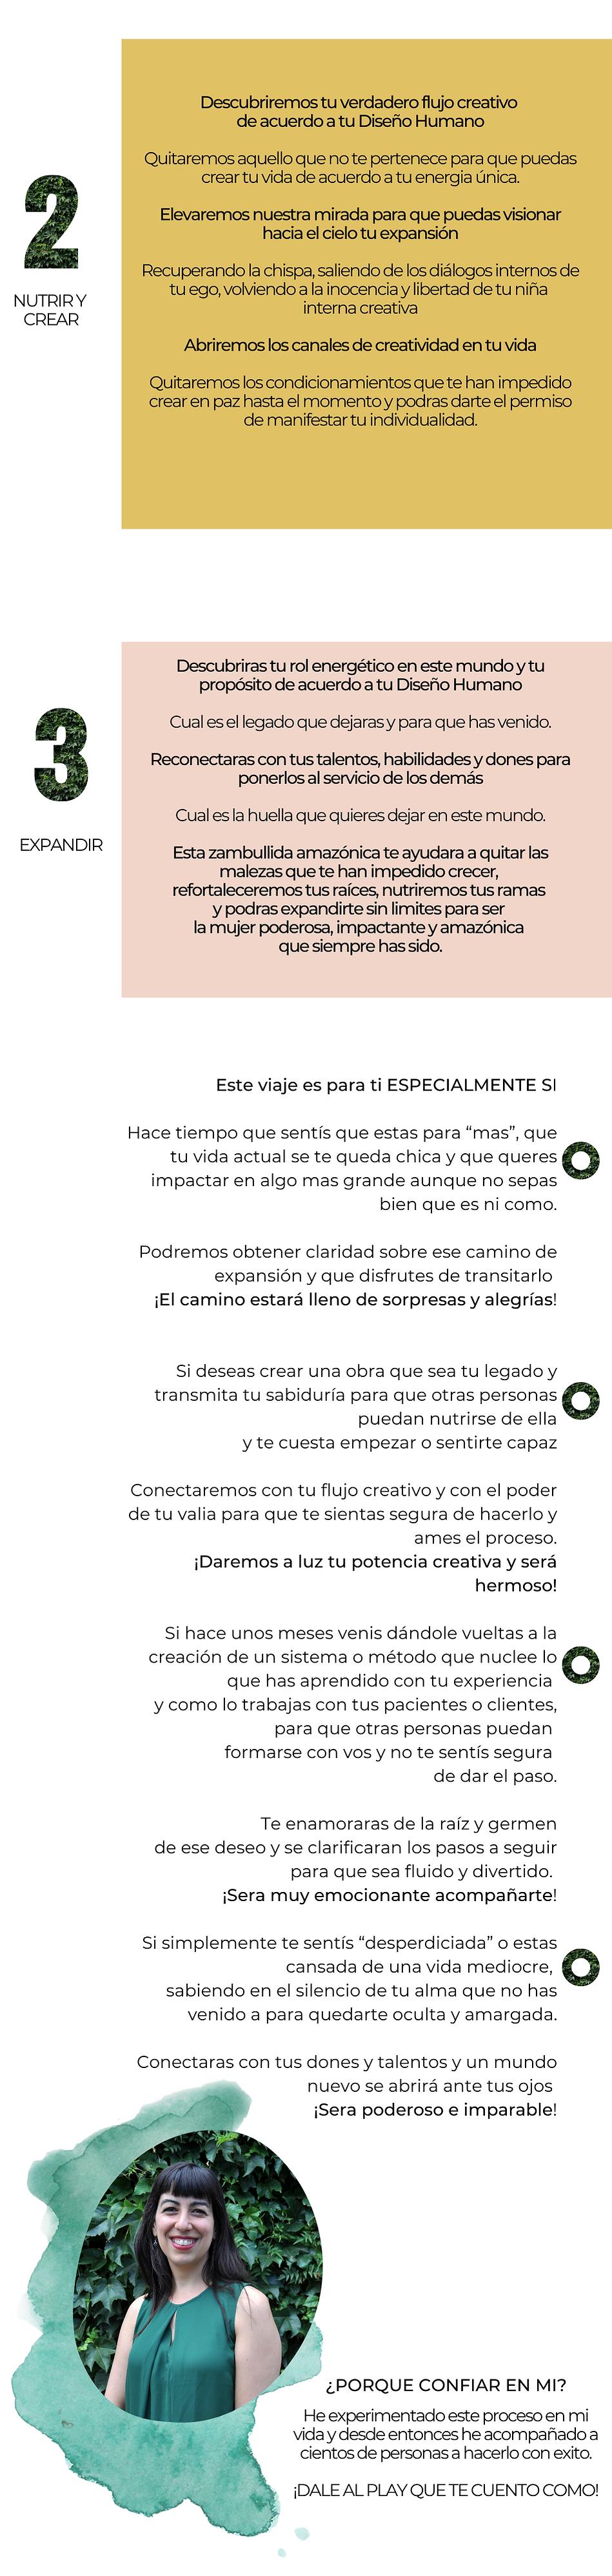 LIDERAZGO FEMENINO.png